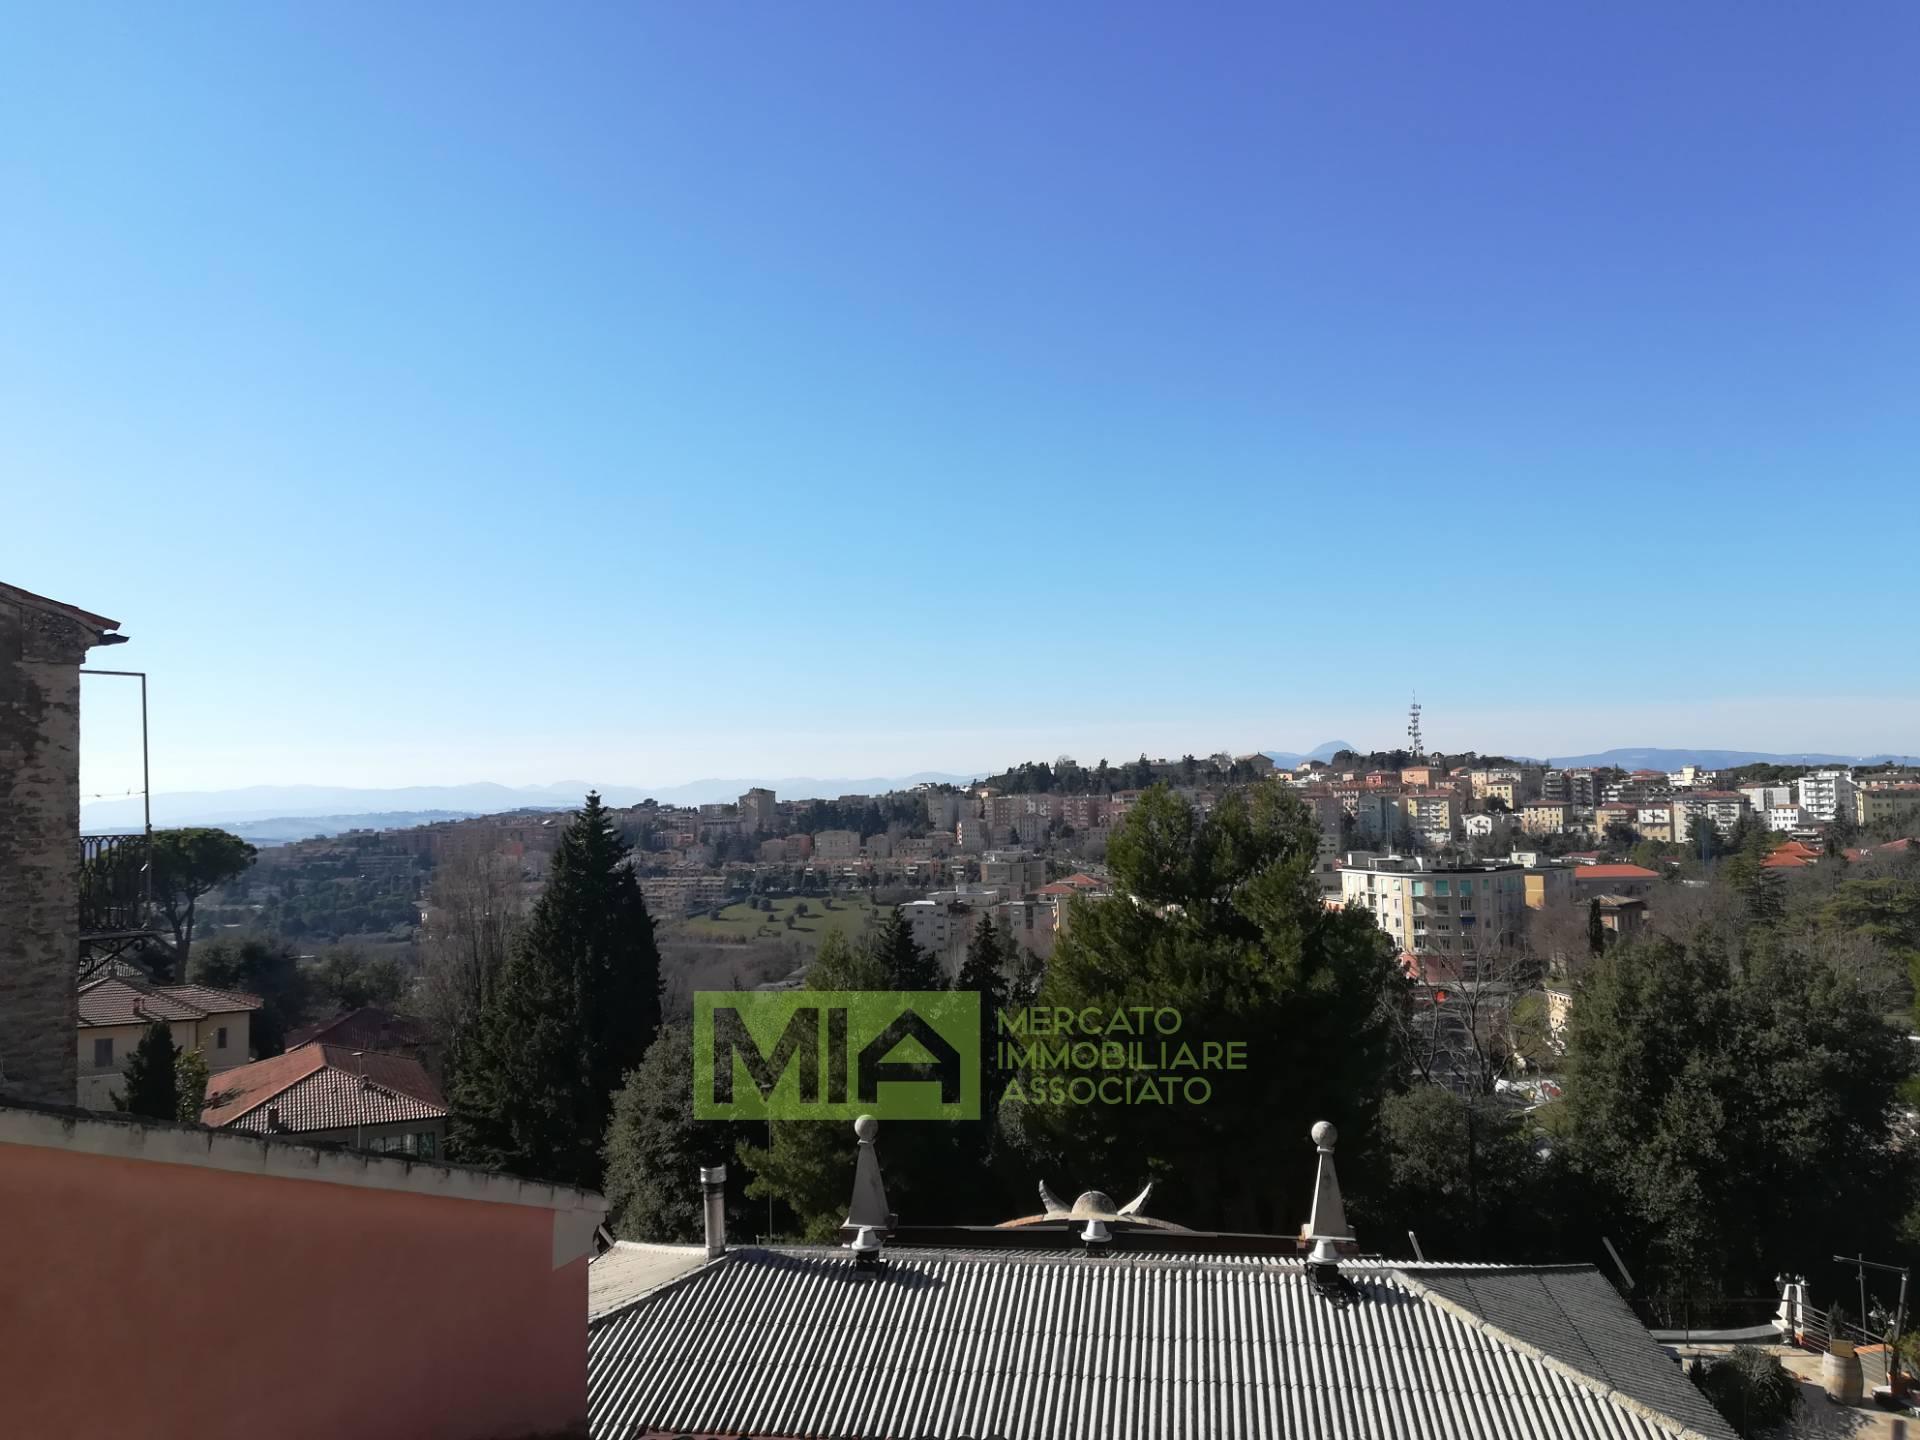 Appartamento in vendita a Macerata, 3 locali, zona Località: CENTRO, prezzo € 70.000 | CambioCasa.it